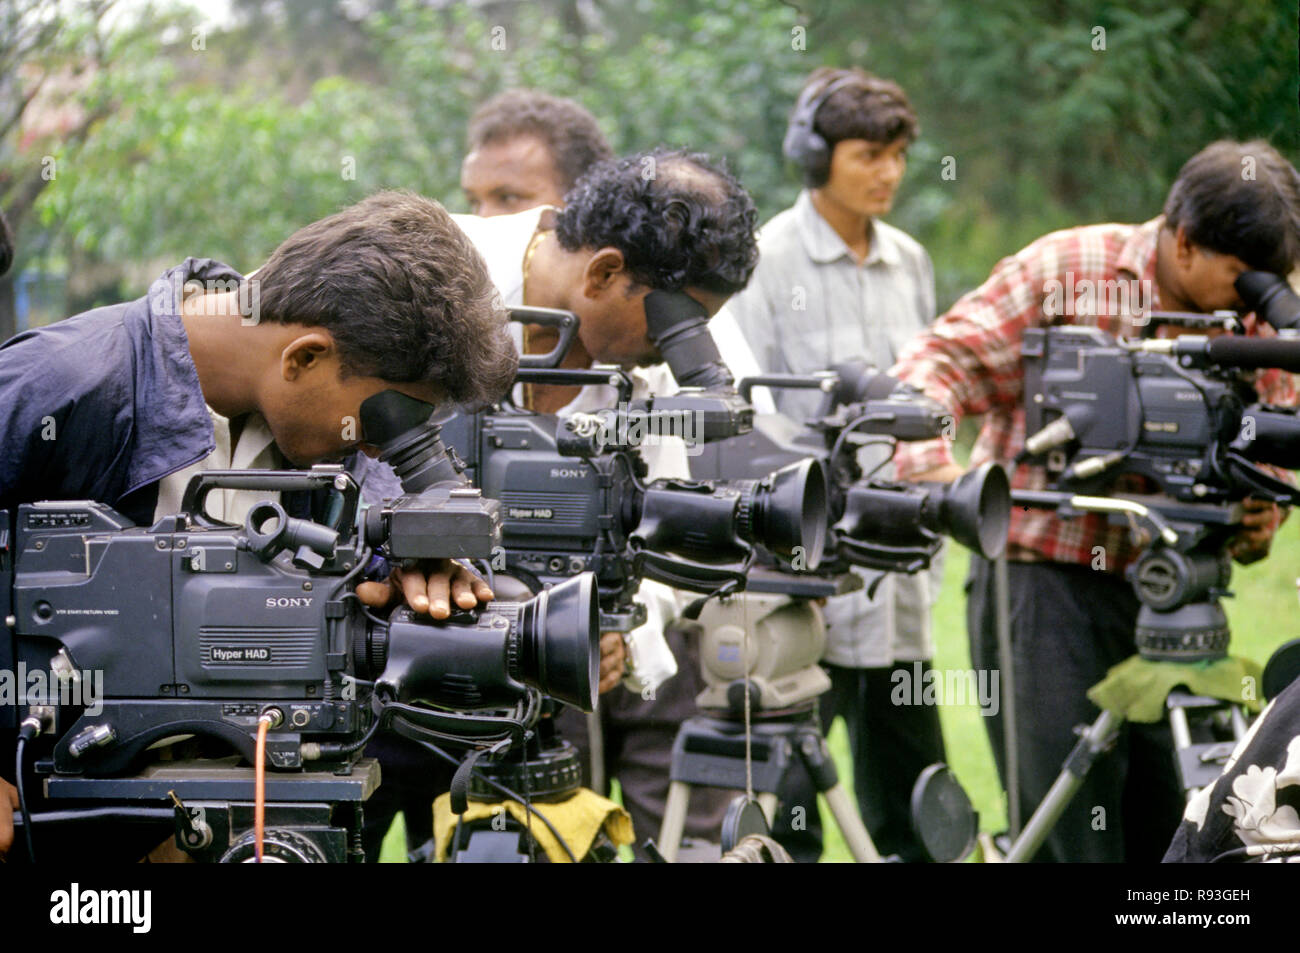 Electronic media, india - Stock Image